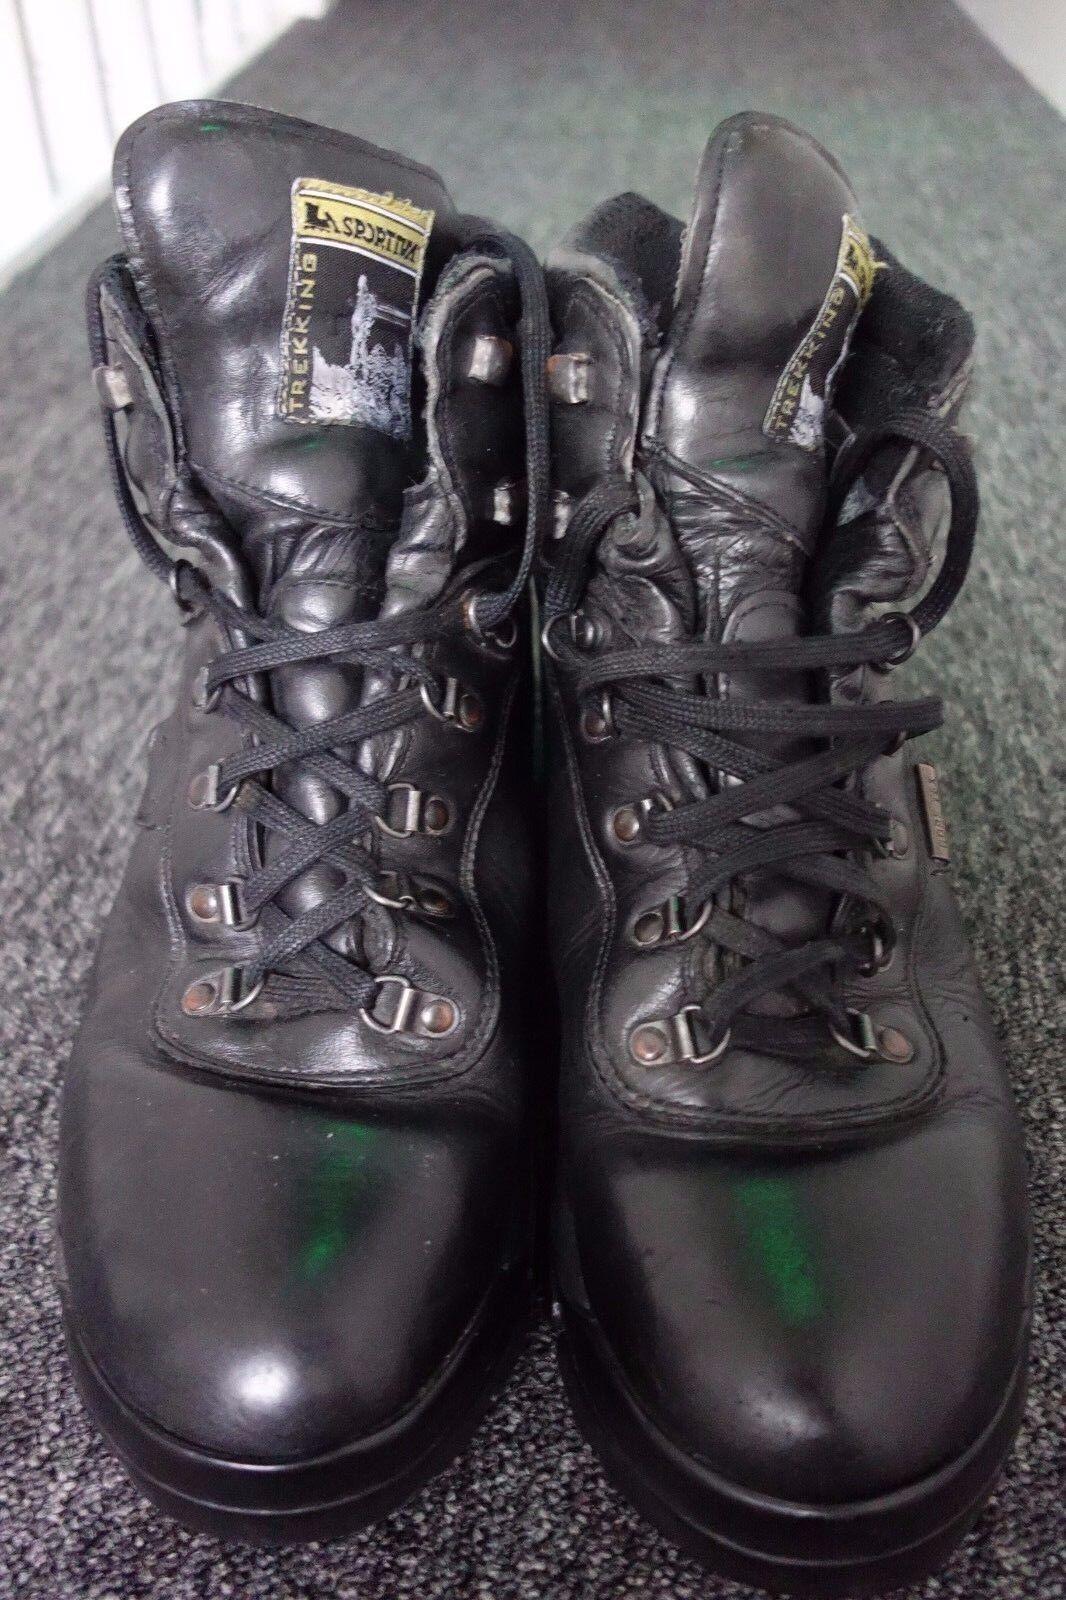 La Sportiva GORE-TEX botas De Cuero 10